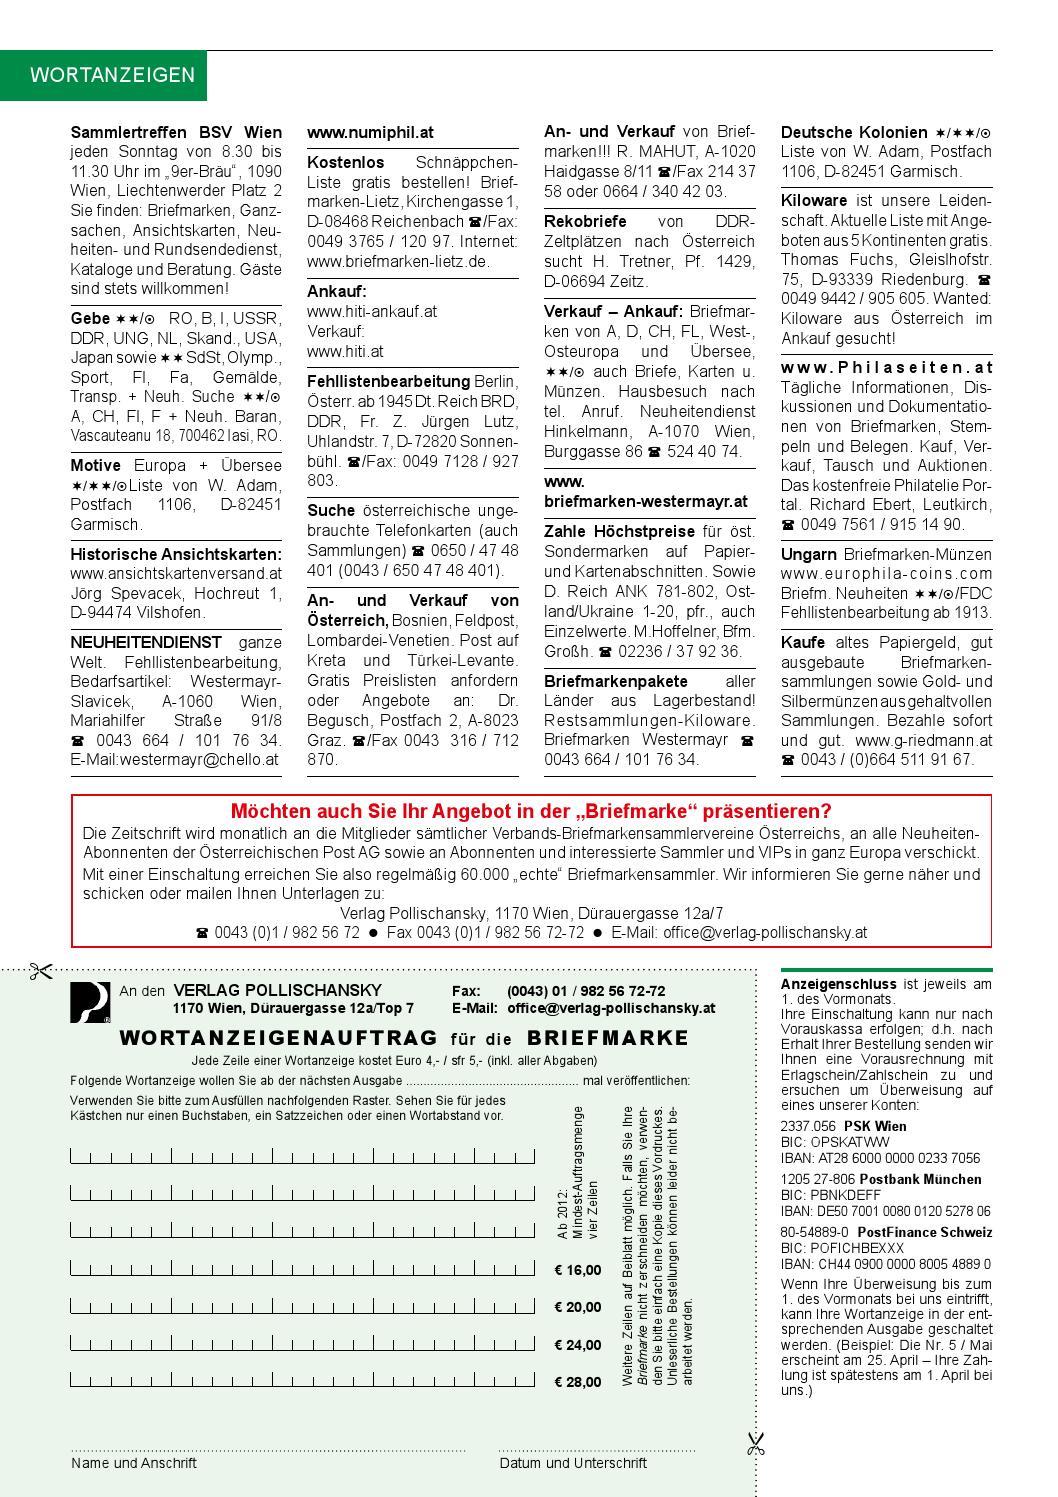 Die Briefmarke 2014 02 By Verlag Pollischansky Issuu